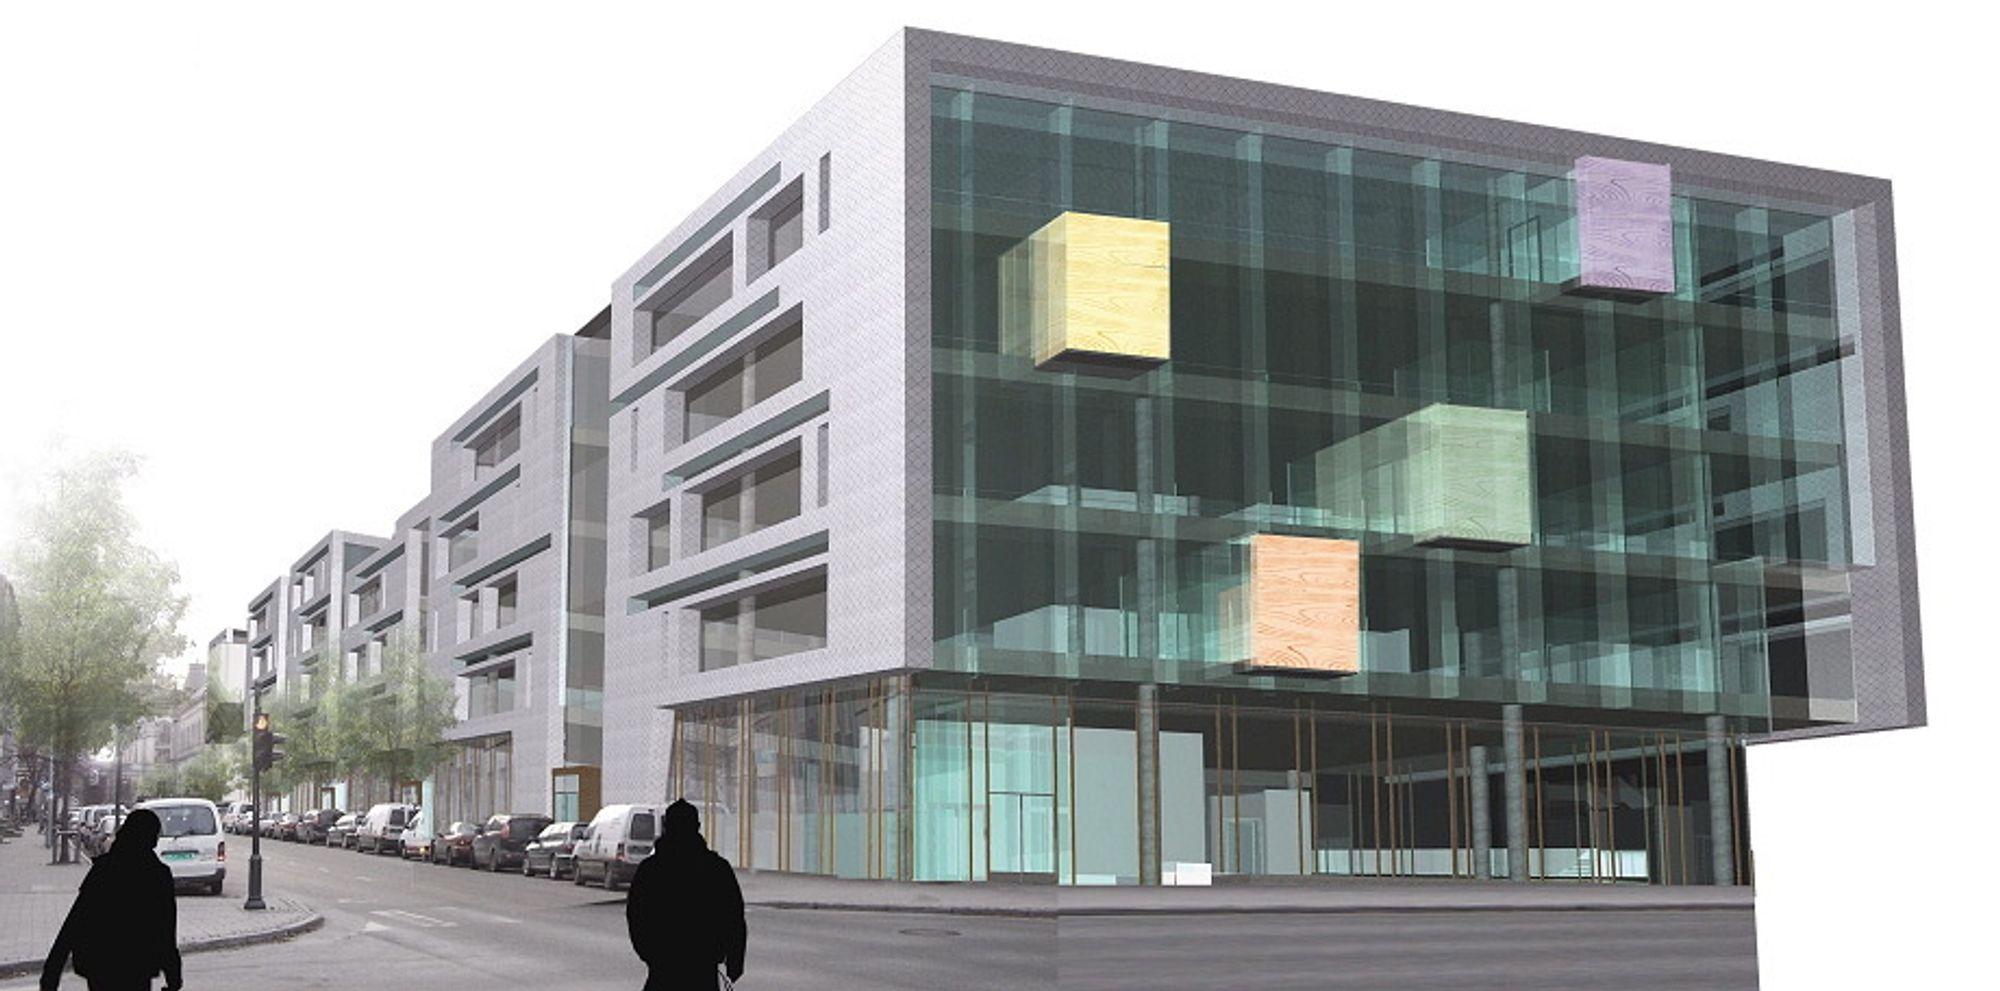 Slik blir fasaden på Sparebank 1 Midt-Norges nye hovedkvarter i Trondheim. Dette blir et av landets mest energigjerrige næringsbygg.